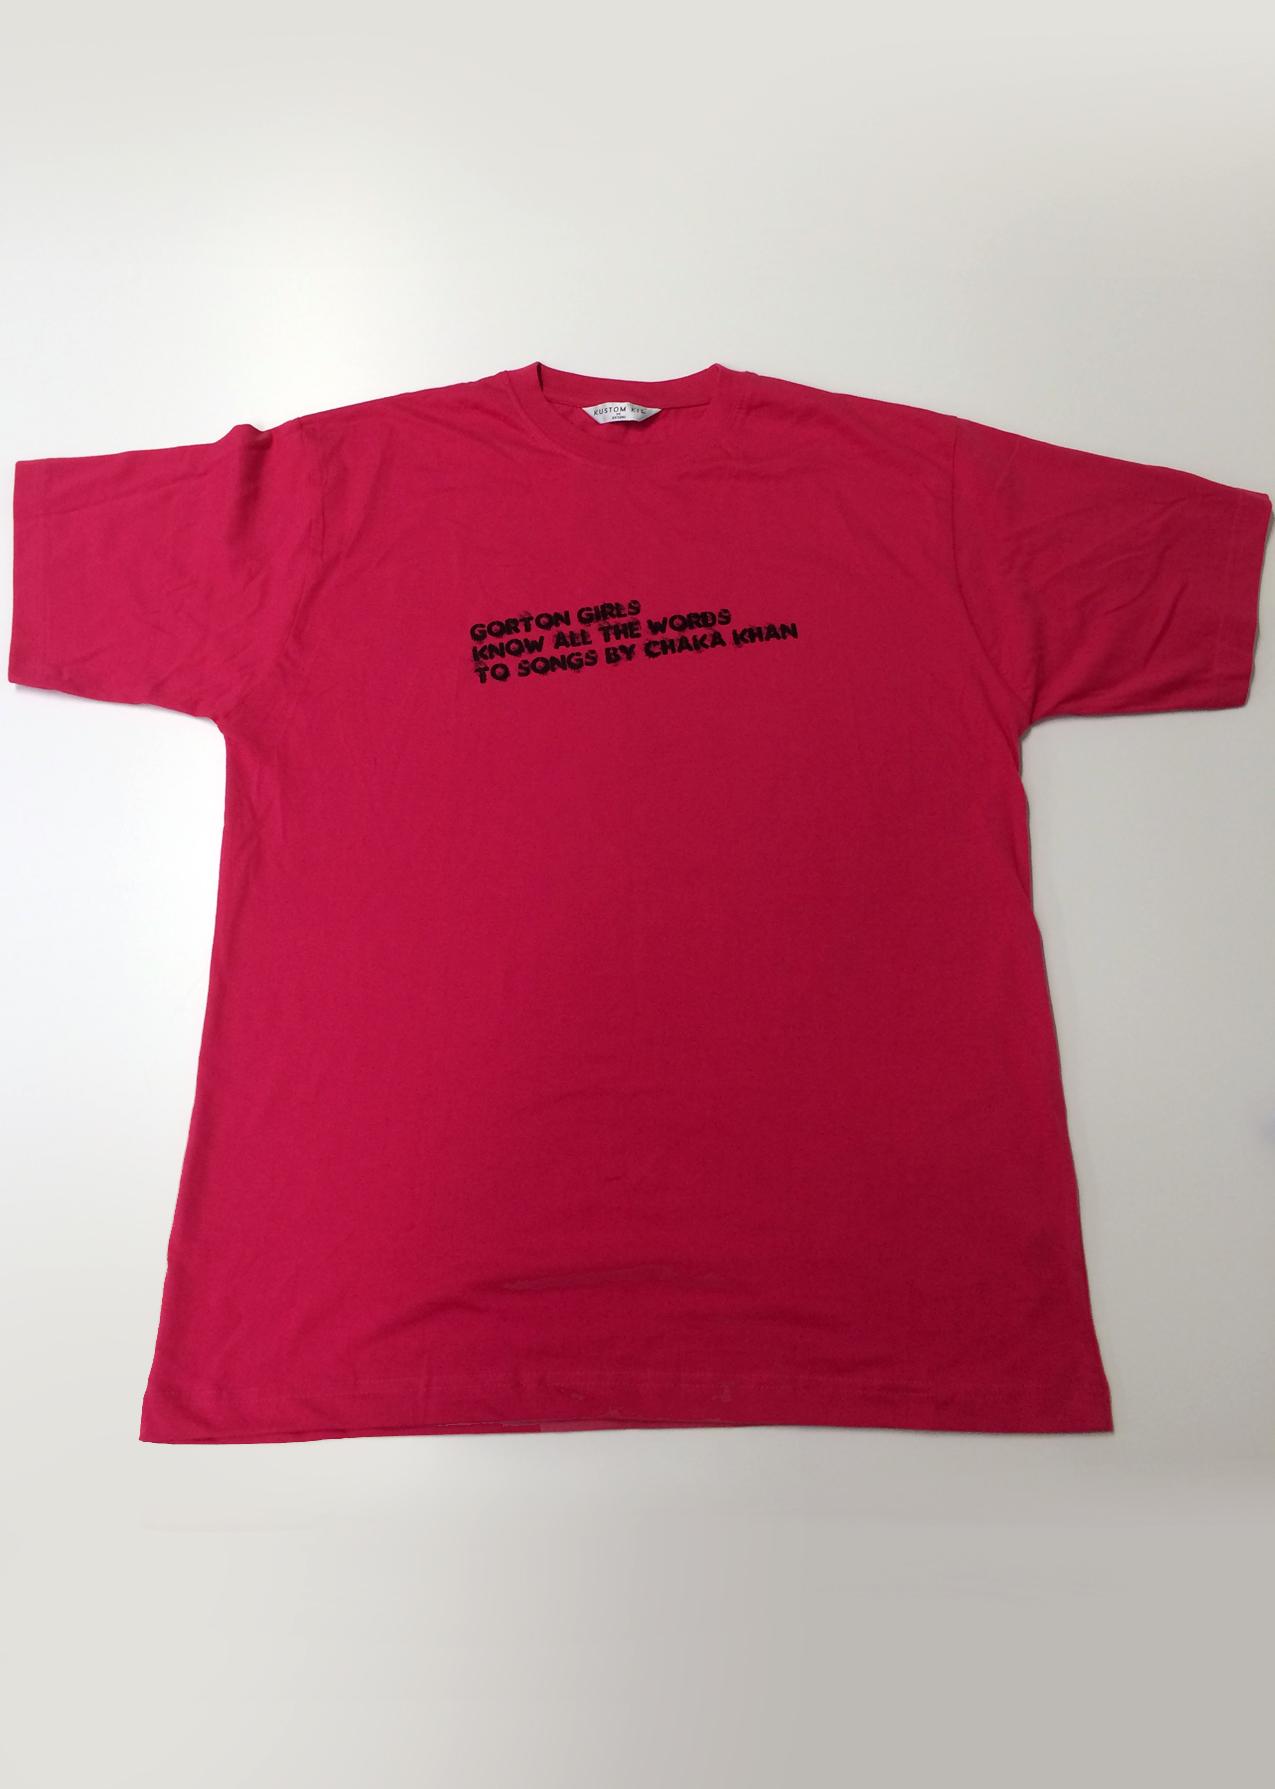 T Shirt Red Gorton Girls